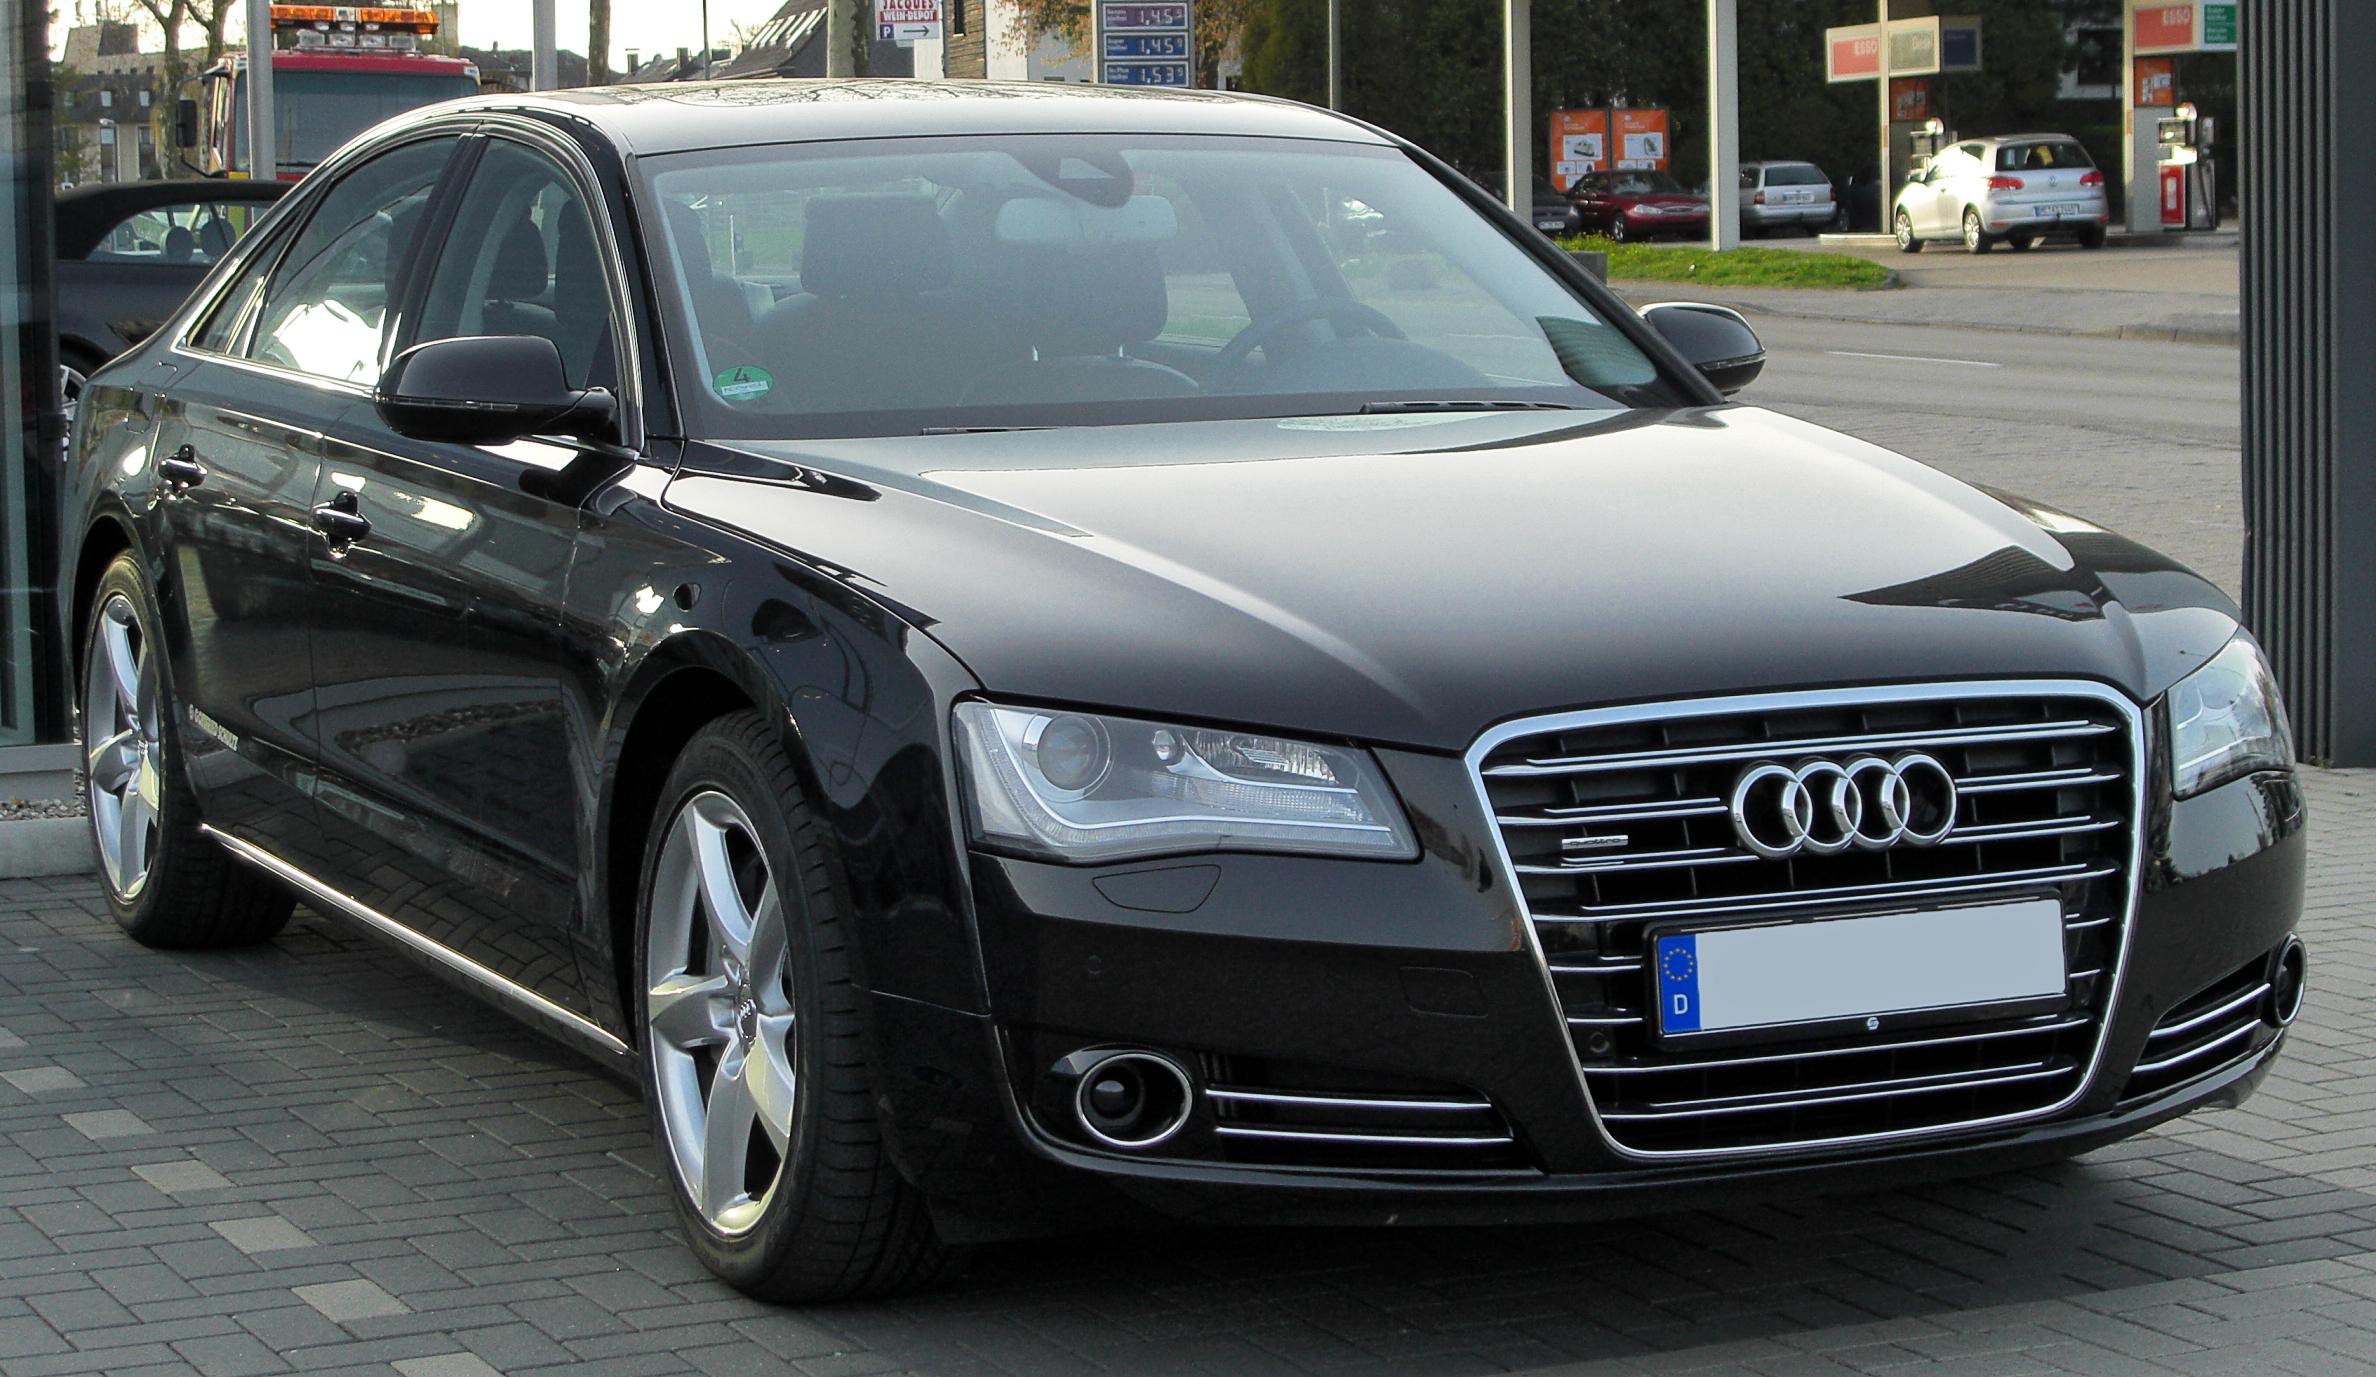 Audi a8 d